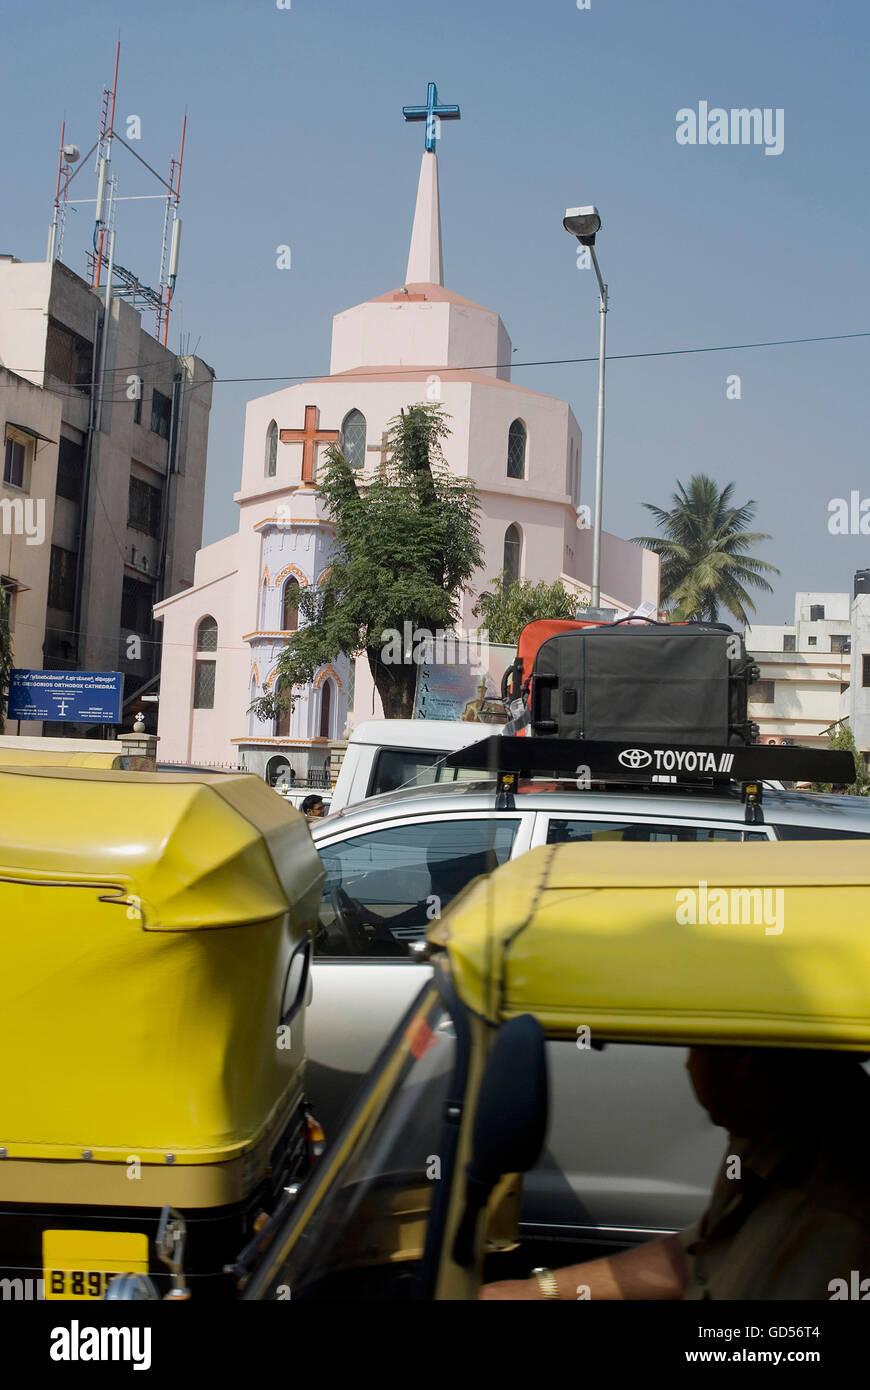 Church in Shivaji Nagar - Stock Image